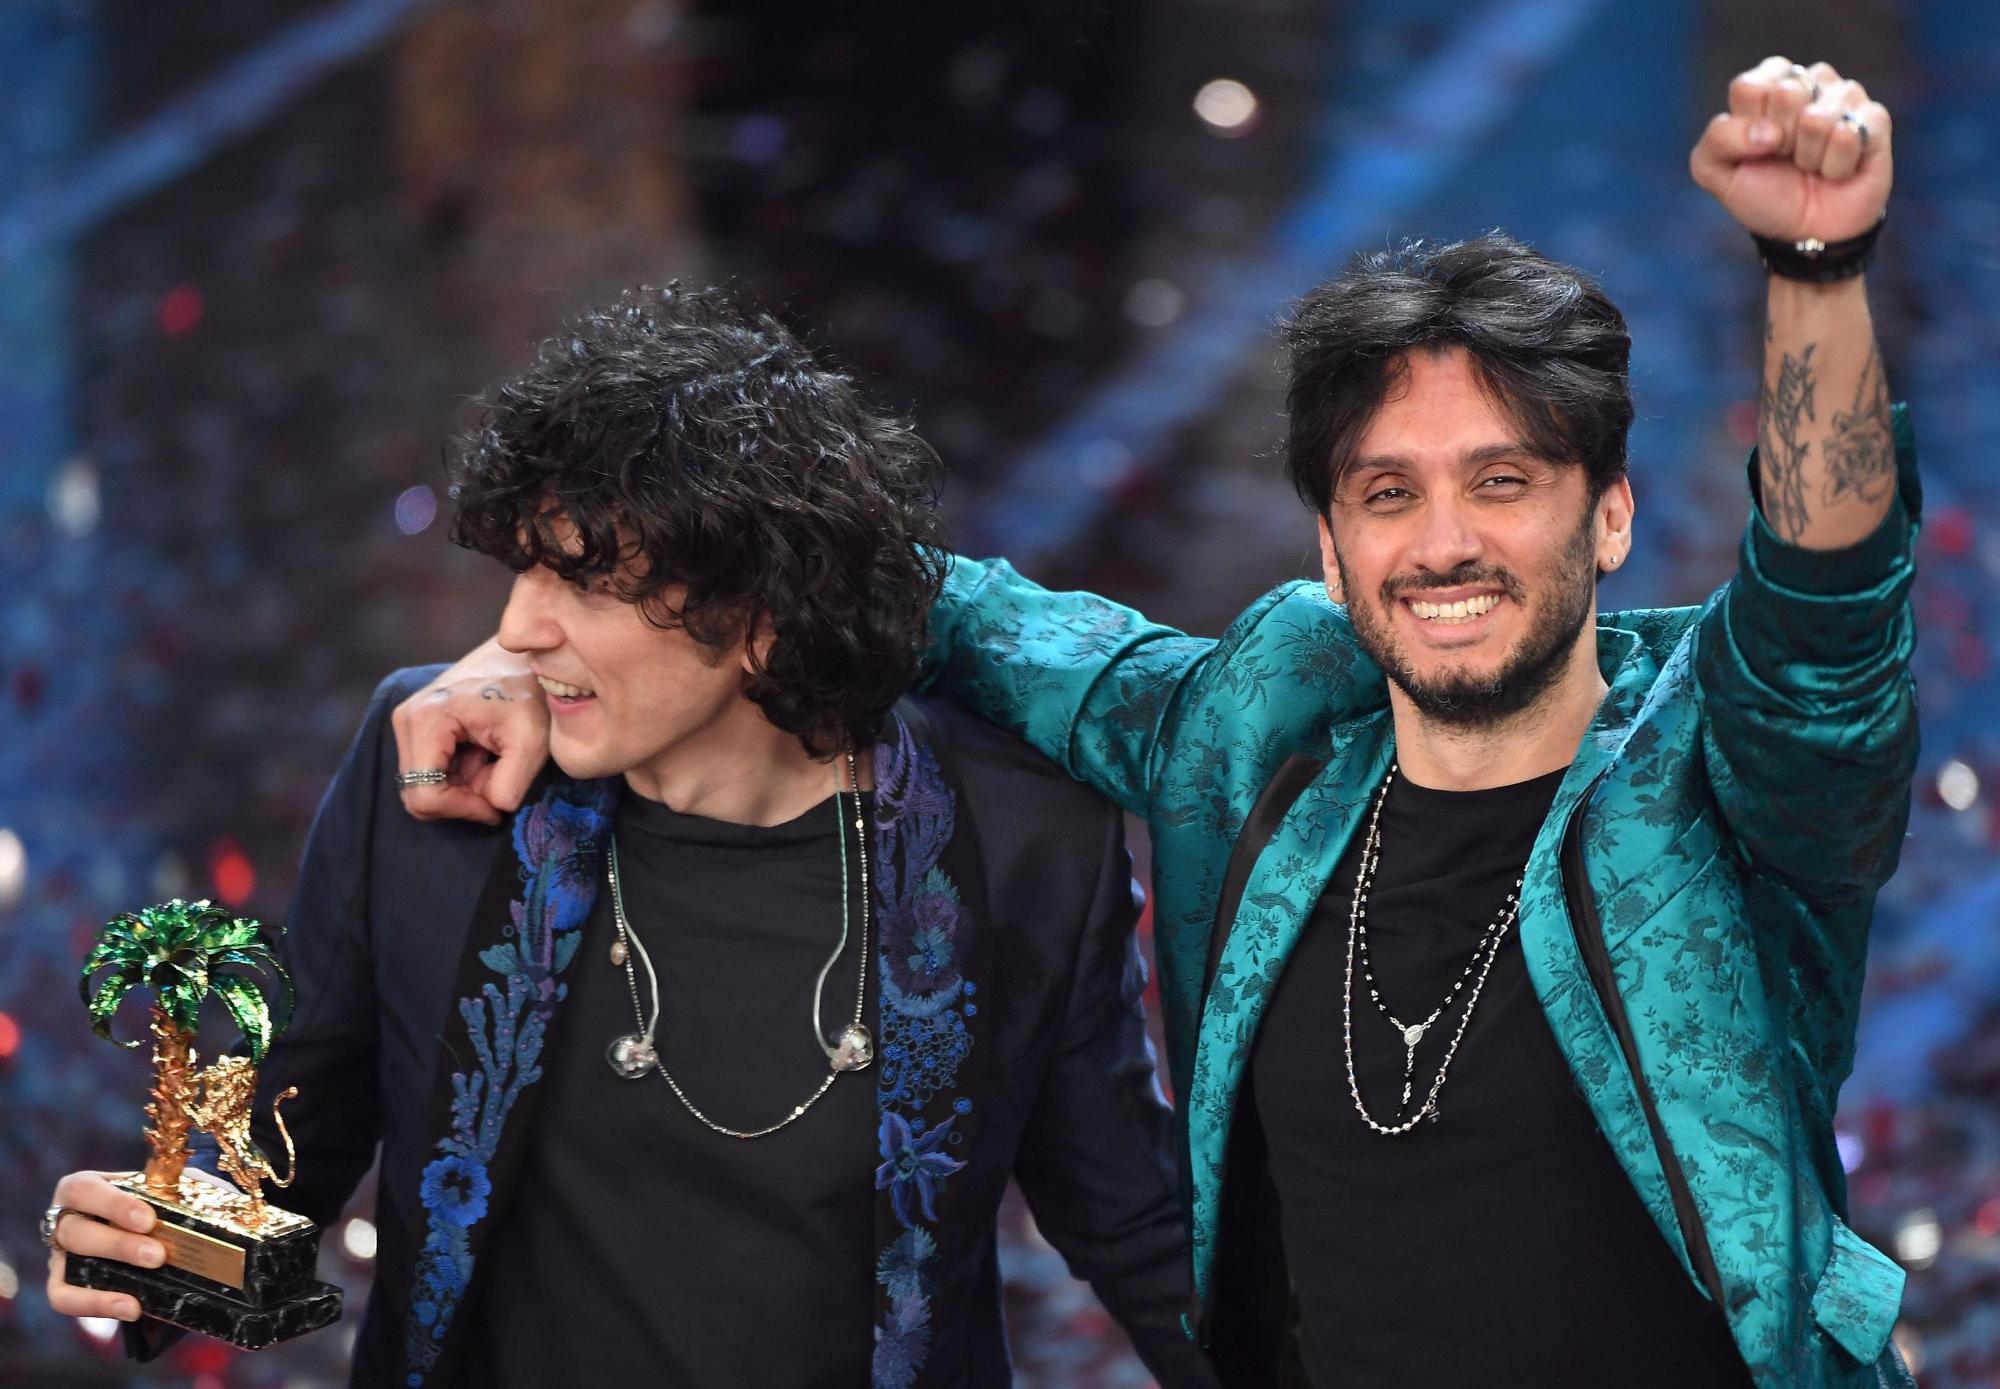 Sanremo 2018, i trionfatori Meta e Moro e gli altri premiati